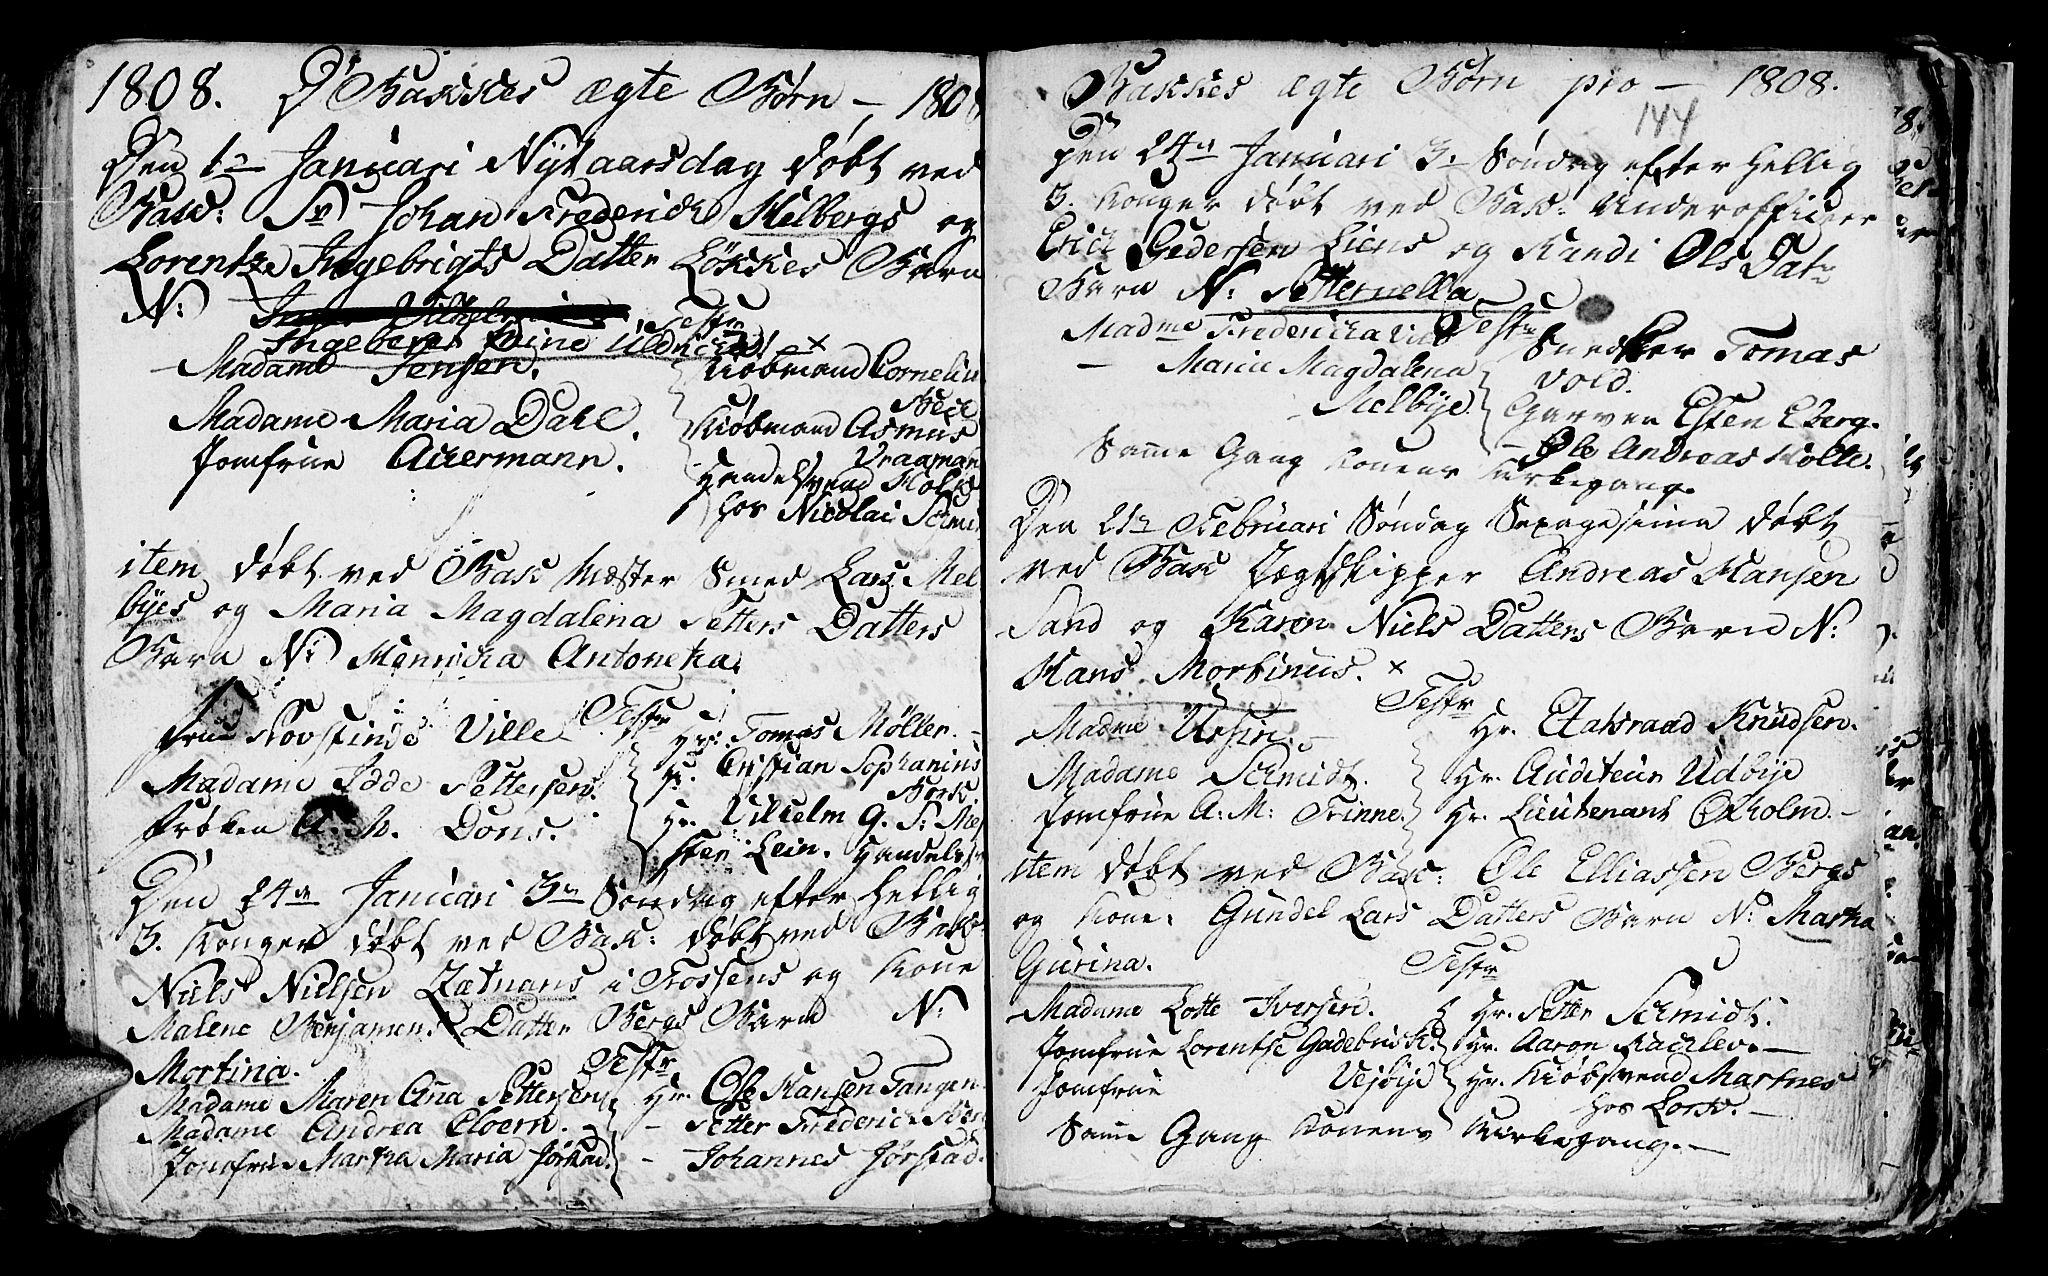 SAT, Ministerialprotokoller, klokkerbøker og fødselsregistre - Sør-Trøndelag, 604/L0218: Klokkerbok nr. 604C01, 1754-1819, s. 144